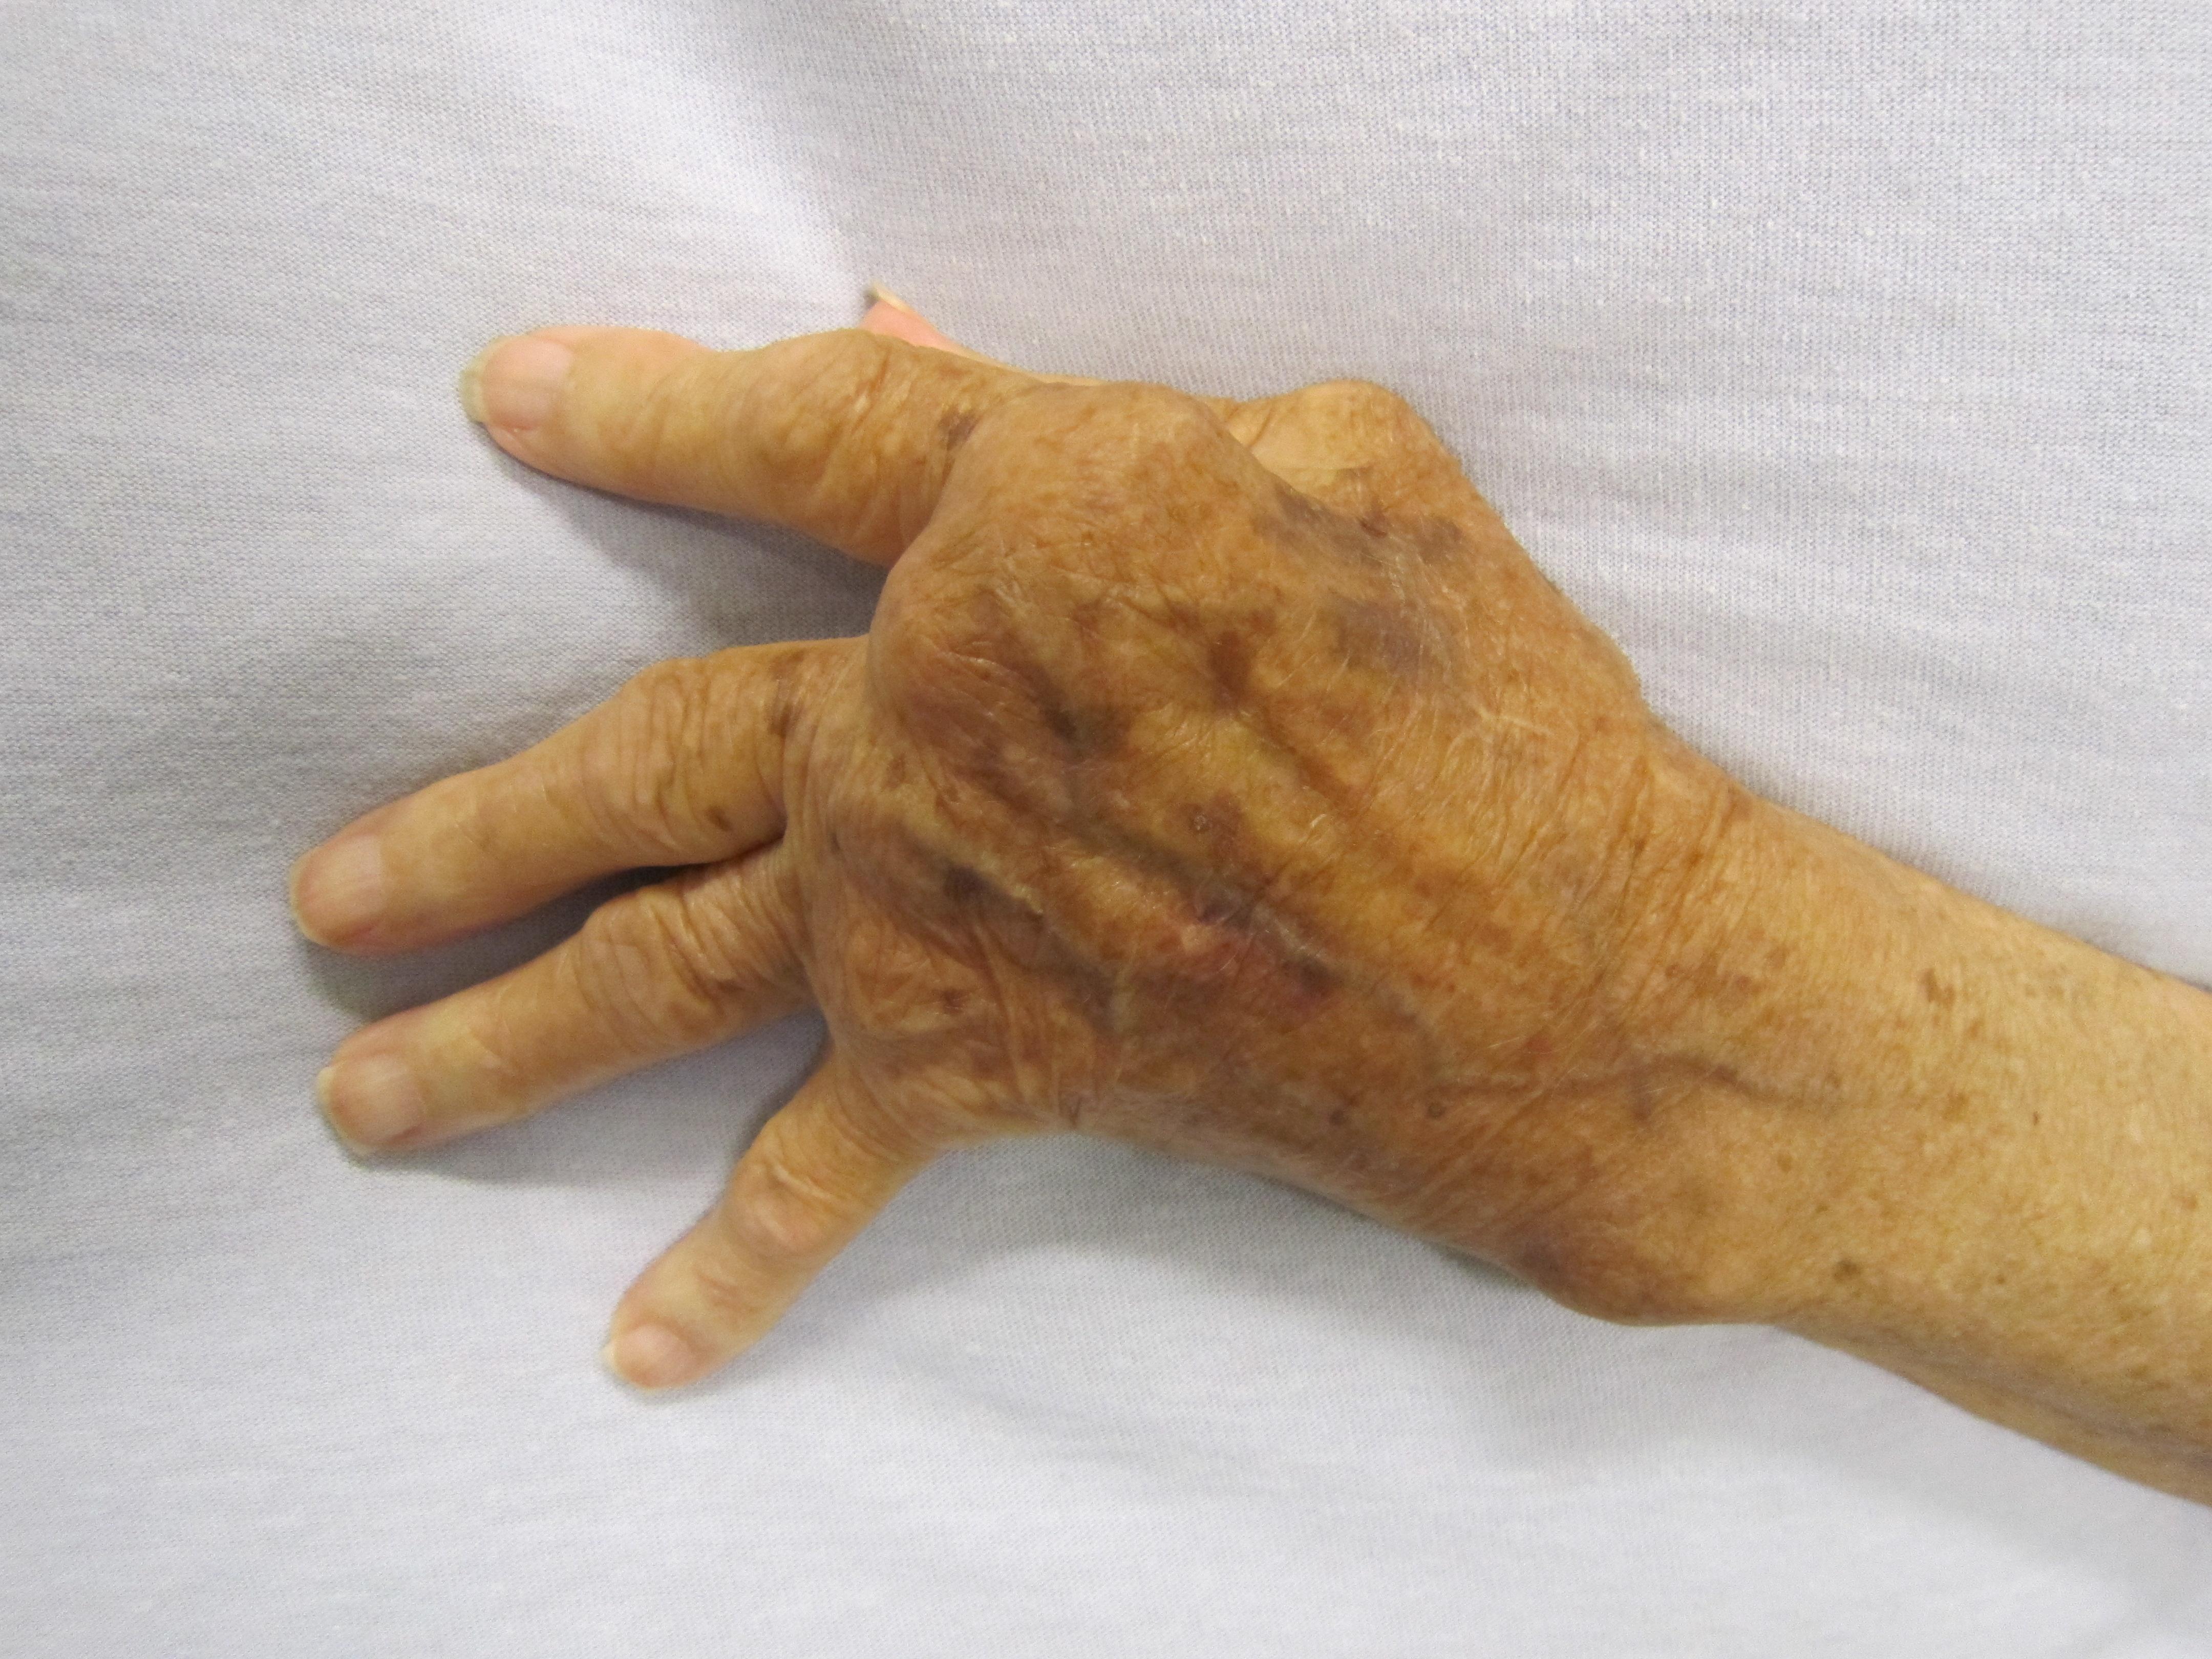 gerinc és ízületek rheumatoid arthritis)